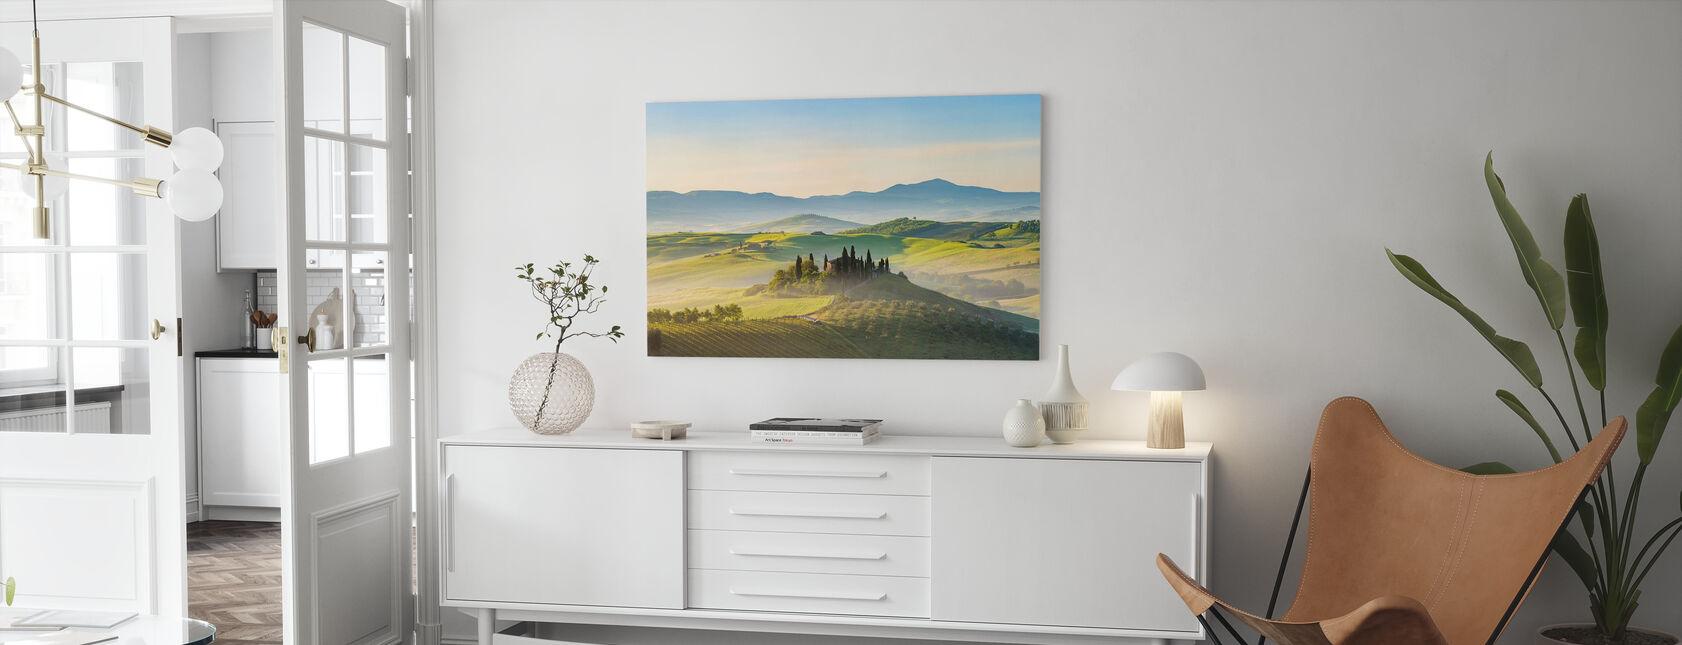 Toscane in de lente ochtend - Canvas print - Woonkamer